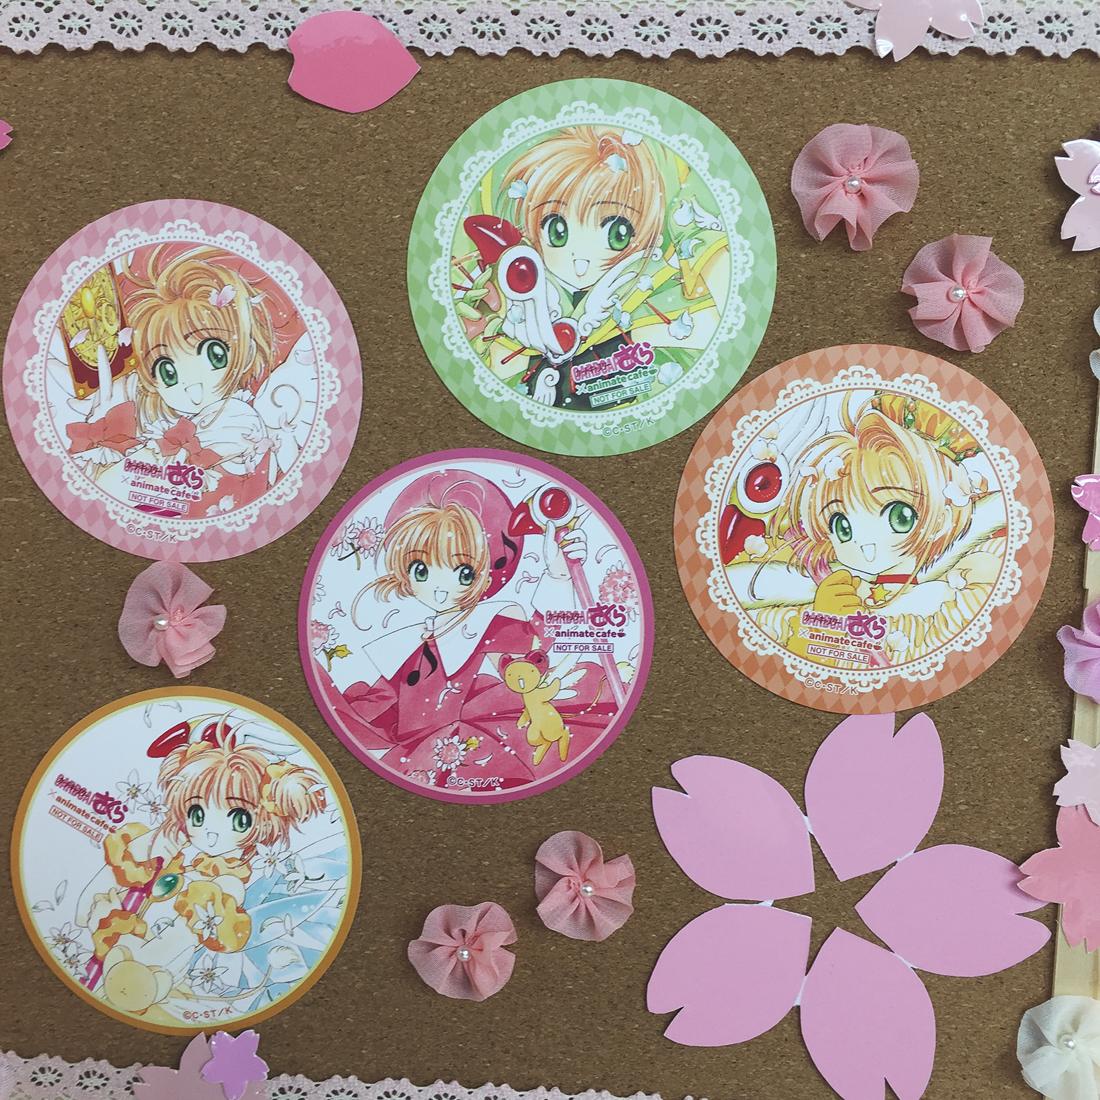 cardcaptor-sakura-animate-cafe-ikebukuro-tokyo-rainbowholic6